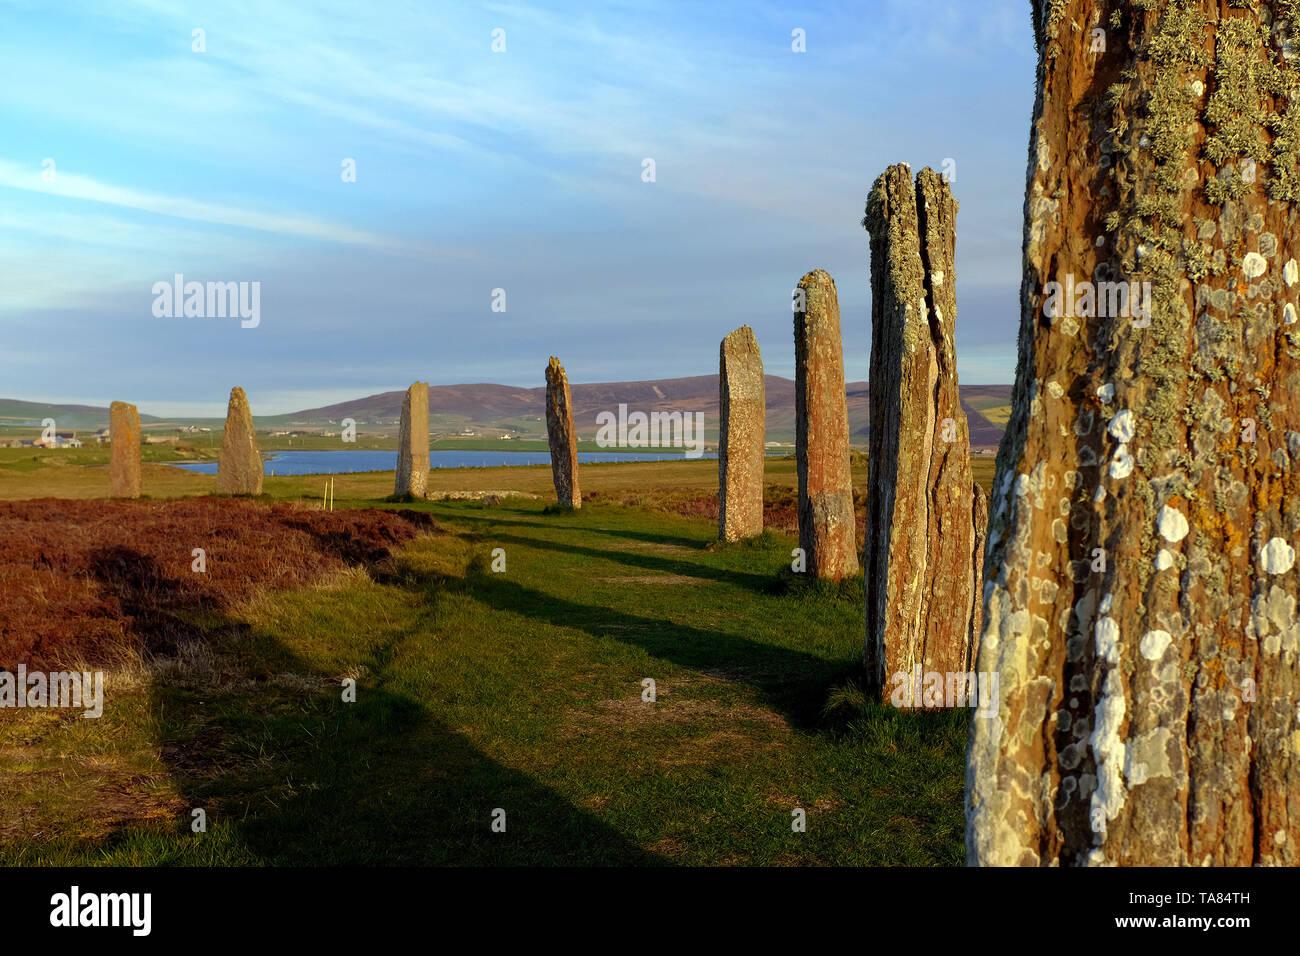 Las Islas Orkney, Continental, el neolítico piedras del anillo de Brodgar al atardecer el 8 de mayo de Escocia - 19th. Viaje por Escocia Foto Samantha Z Foto de stock